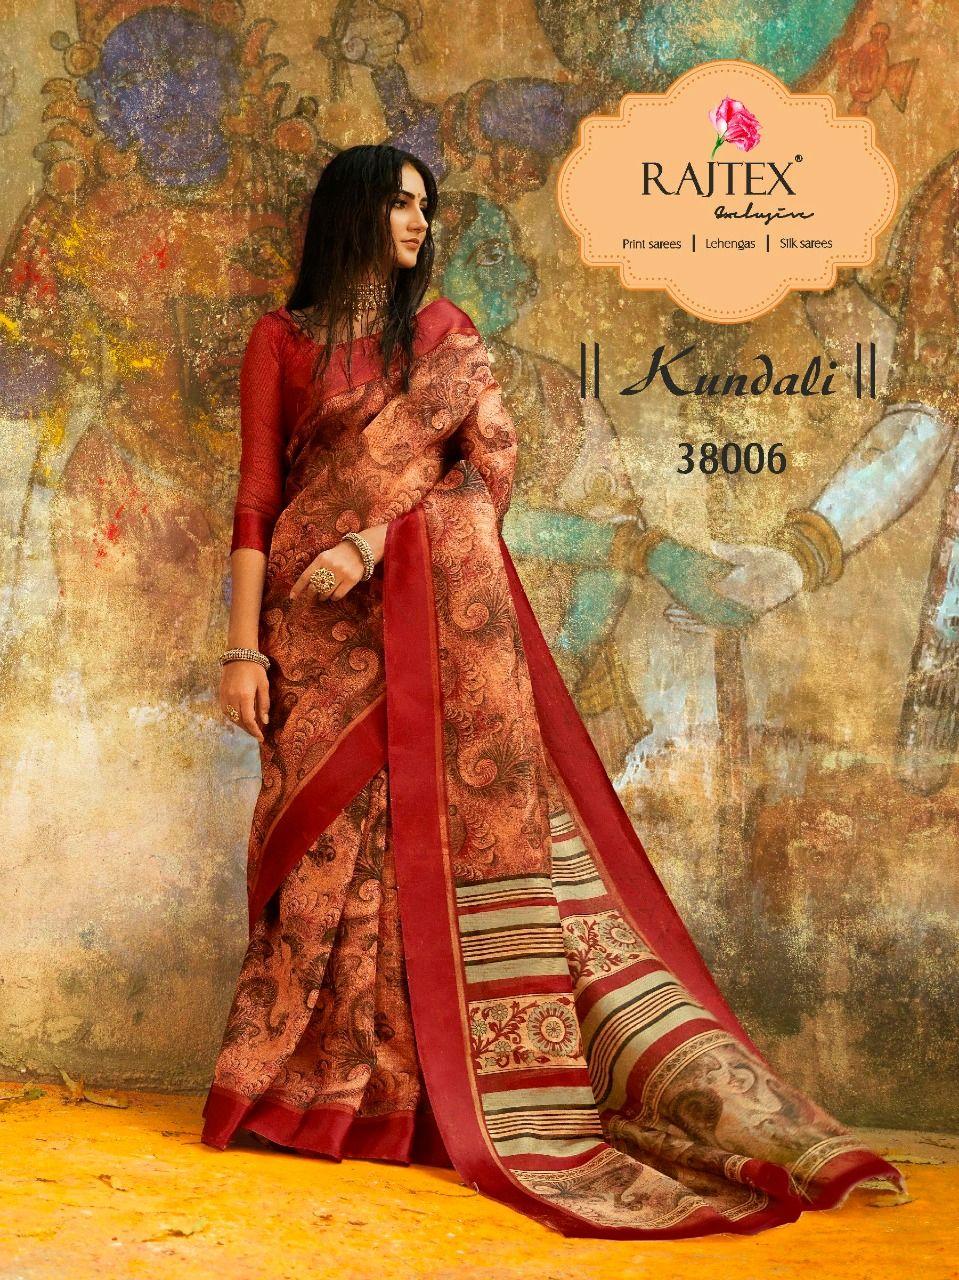 c88f58dd9b #red #brown #digital #print #silk #saree | red brown digital printed saree  | silk fabric saree | satin patta printed saree | occasional wear | party  wear